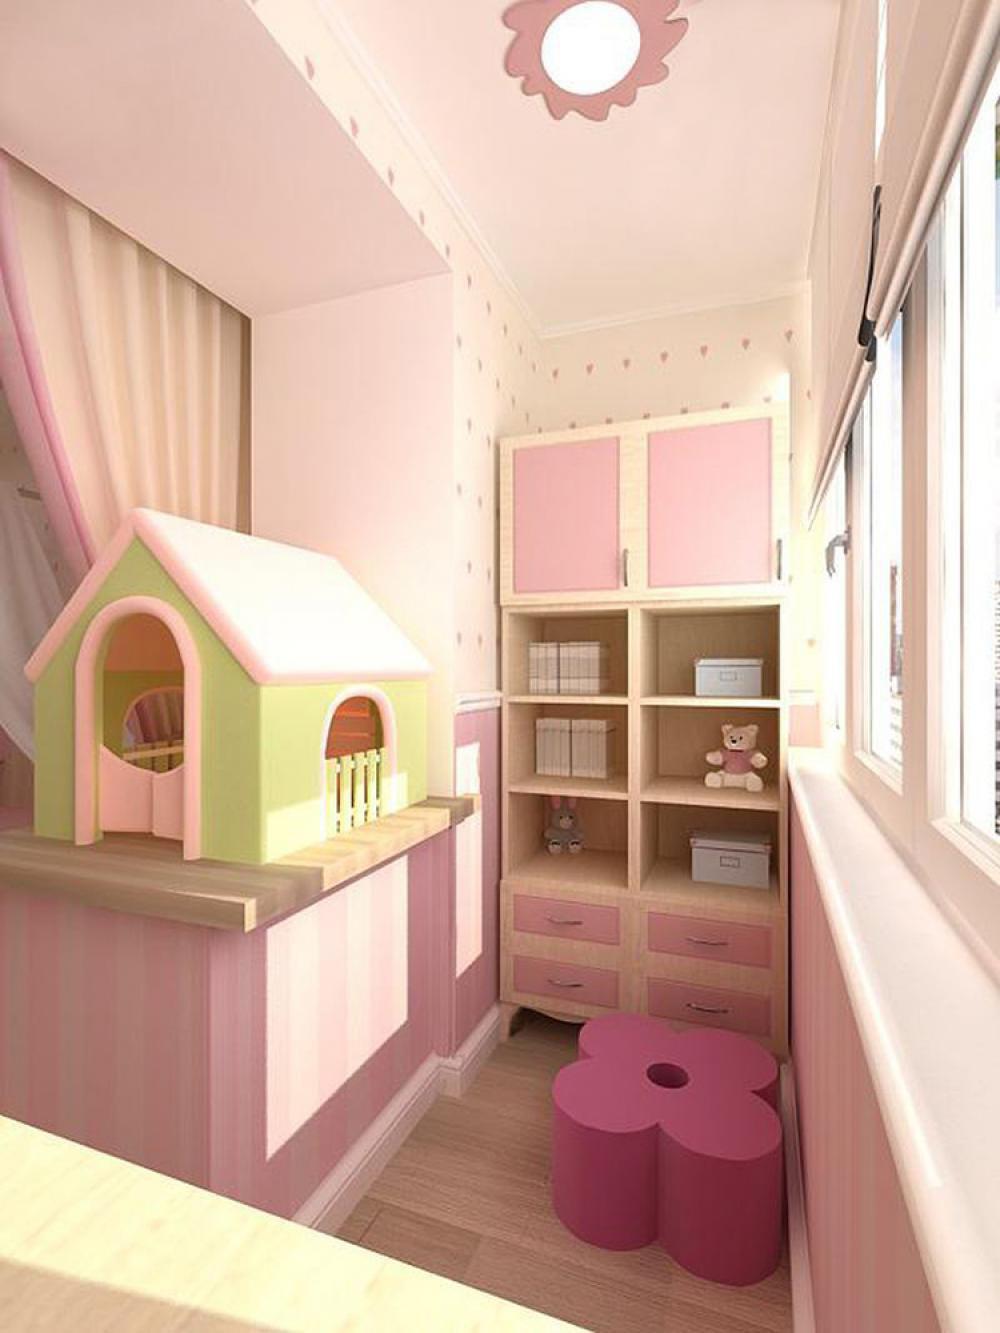 Детская комната на балконе, лоджии или веранде.